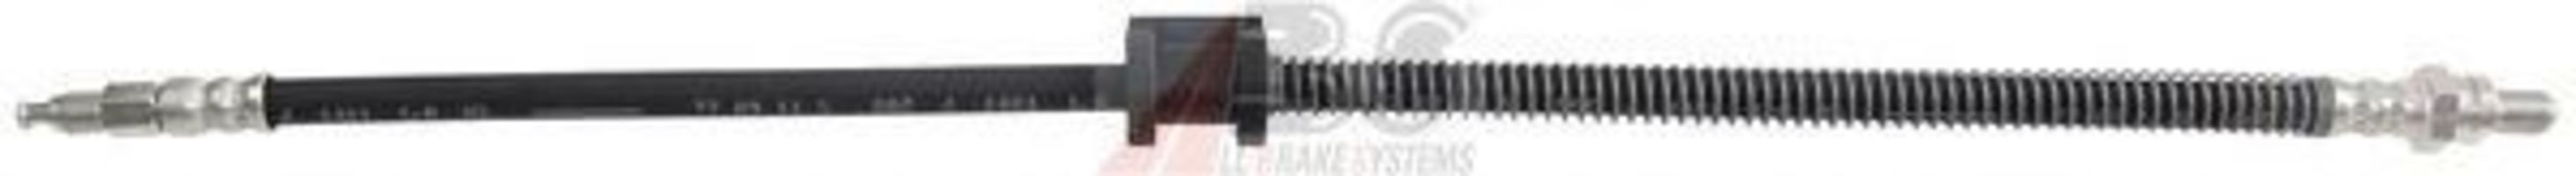 Шланг тормозной A.B.S. SL 5654